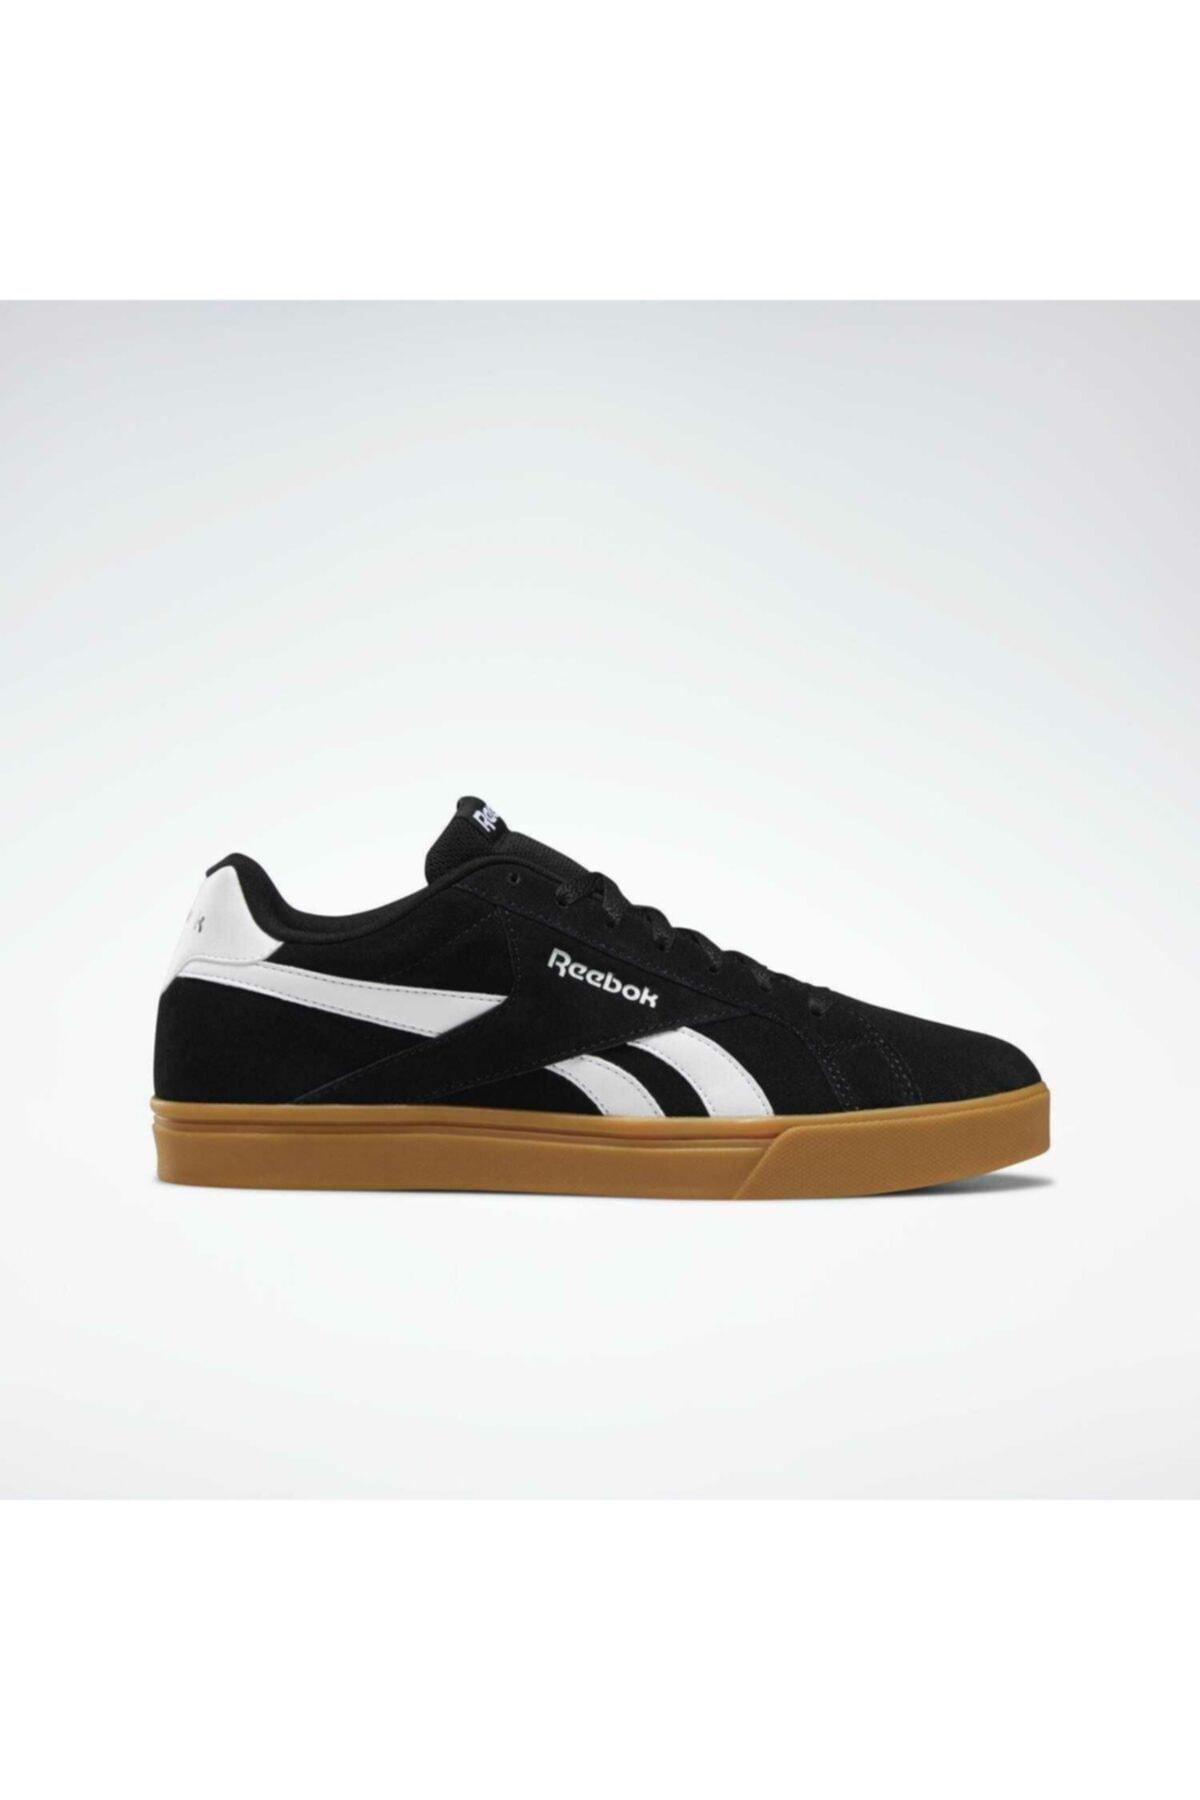 Reebok Dv8343 Kadın Siyah Günlük Spor Ayakkabı 1